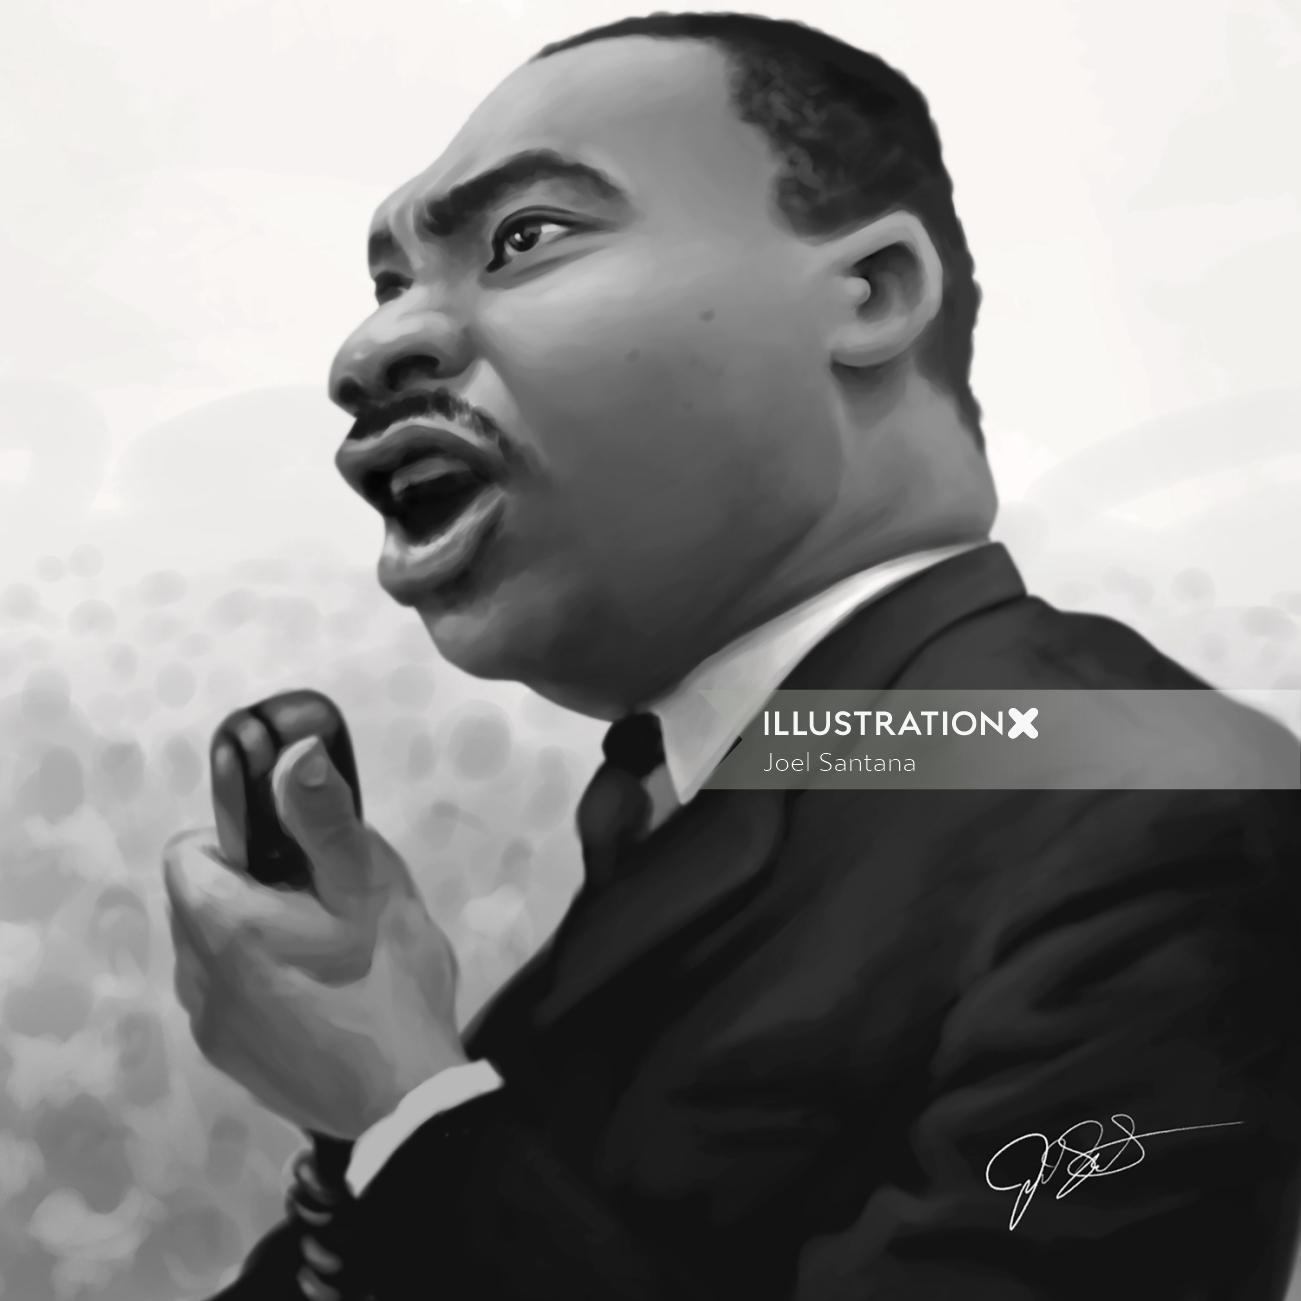 Digital portrait of Martin Luther King Jr